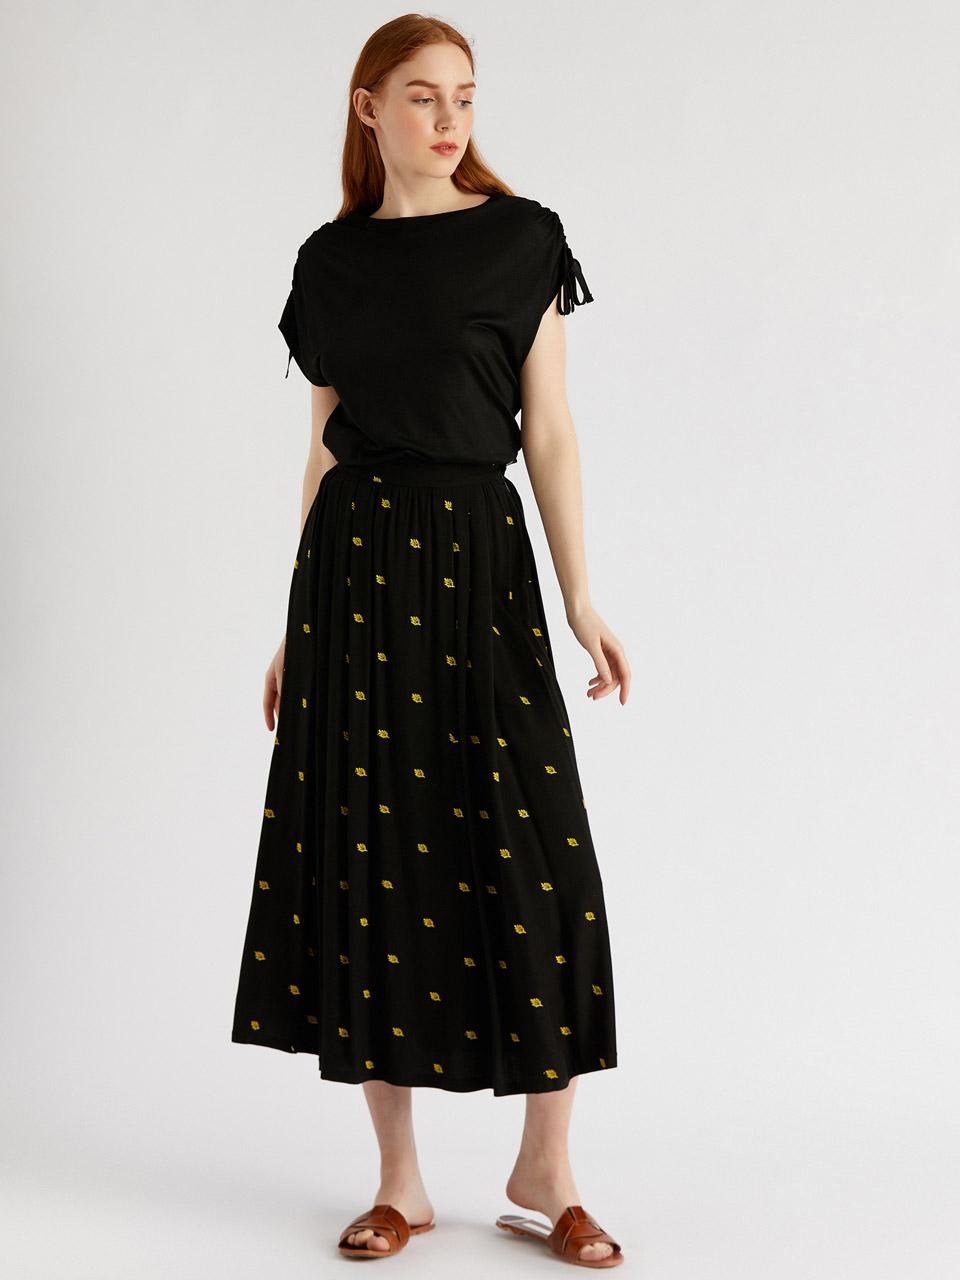 Embroidered Waist Pleated Skirt